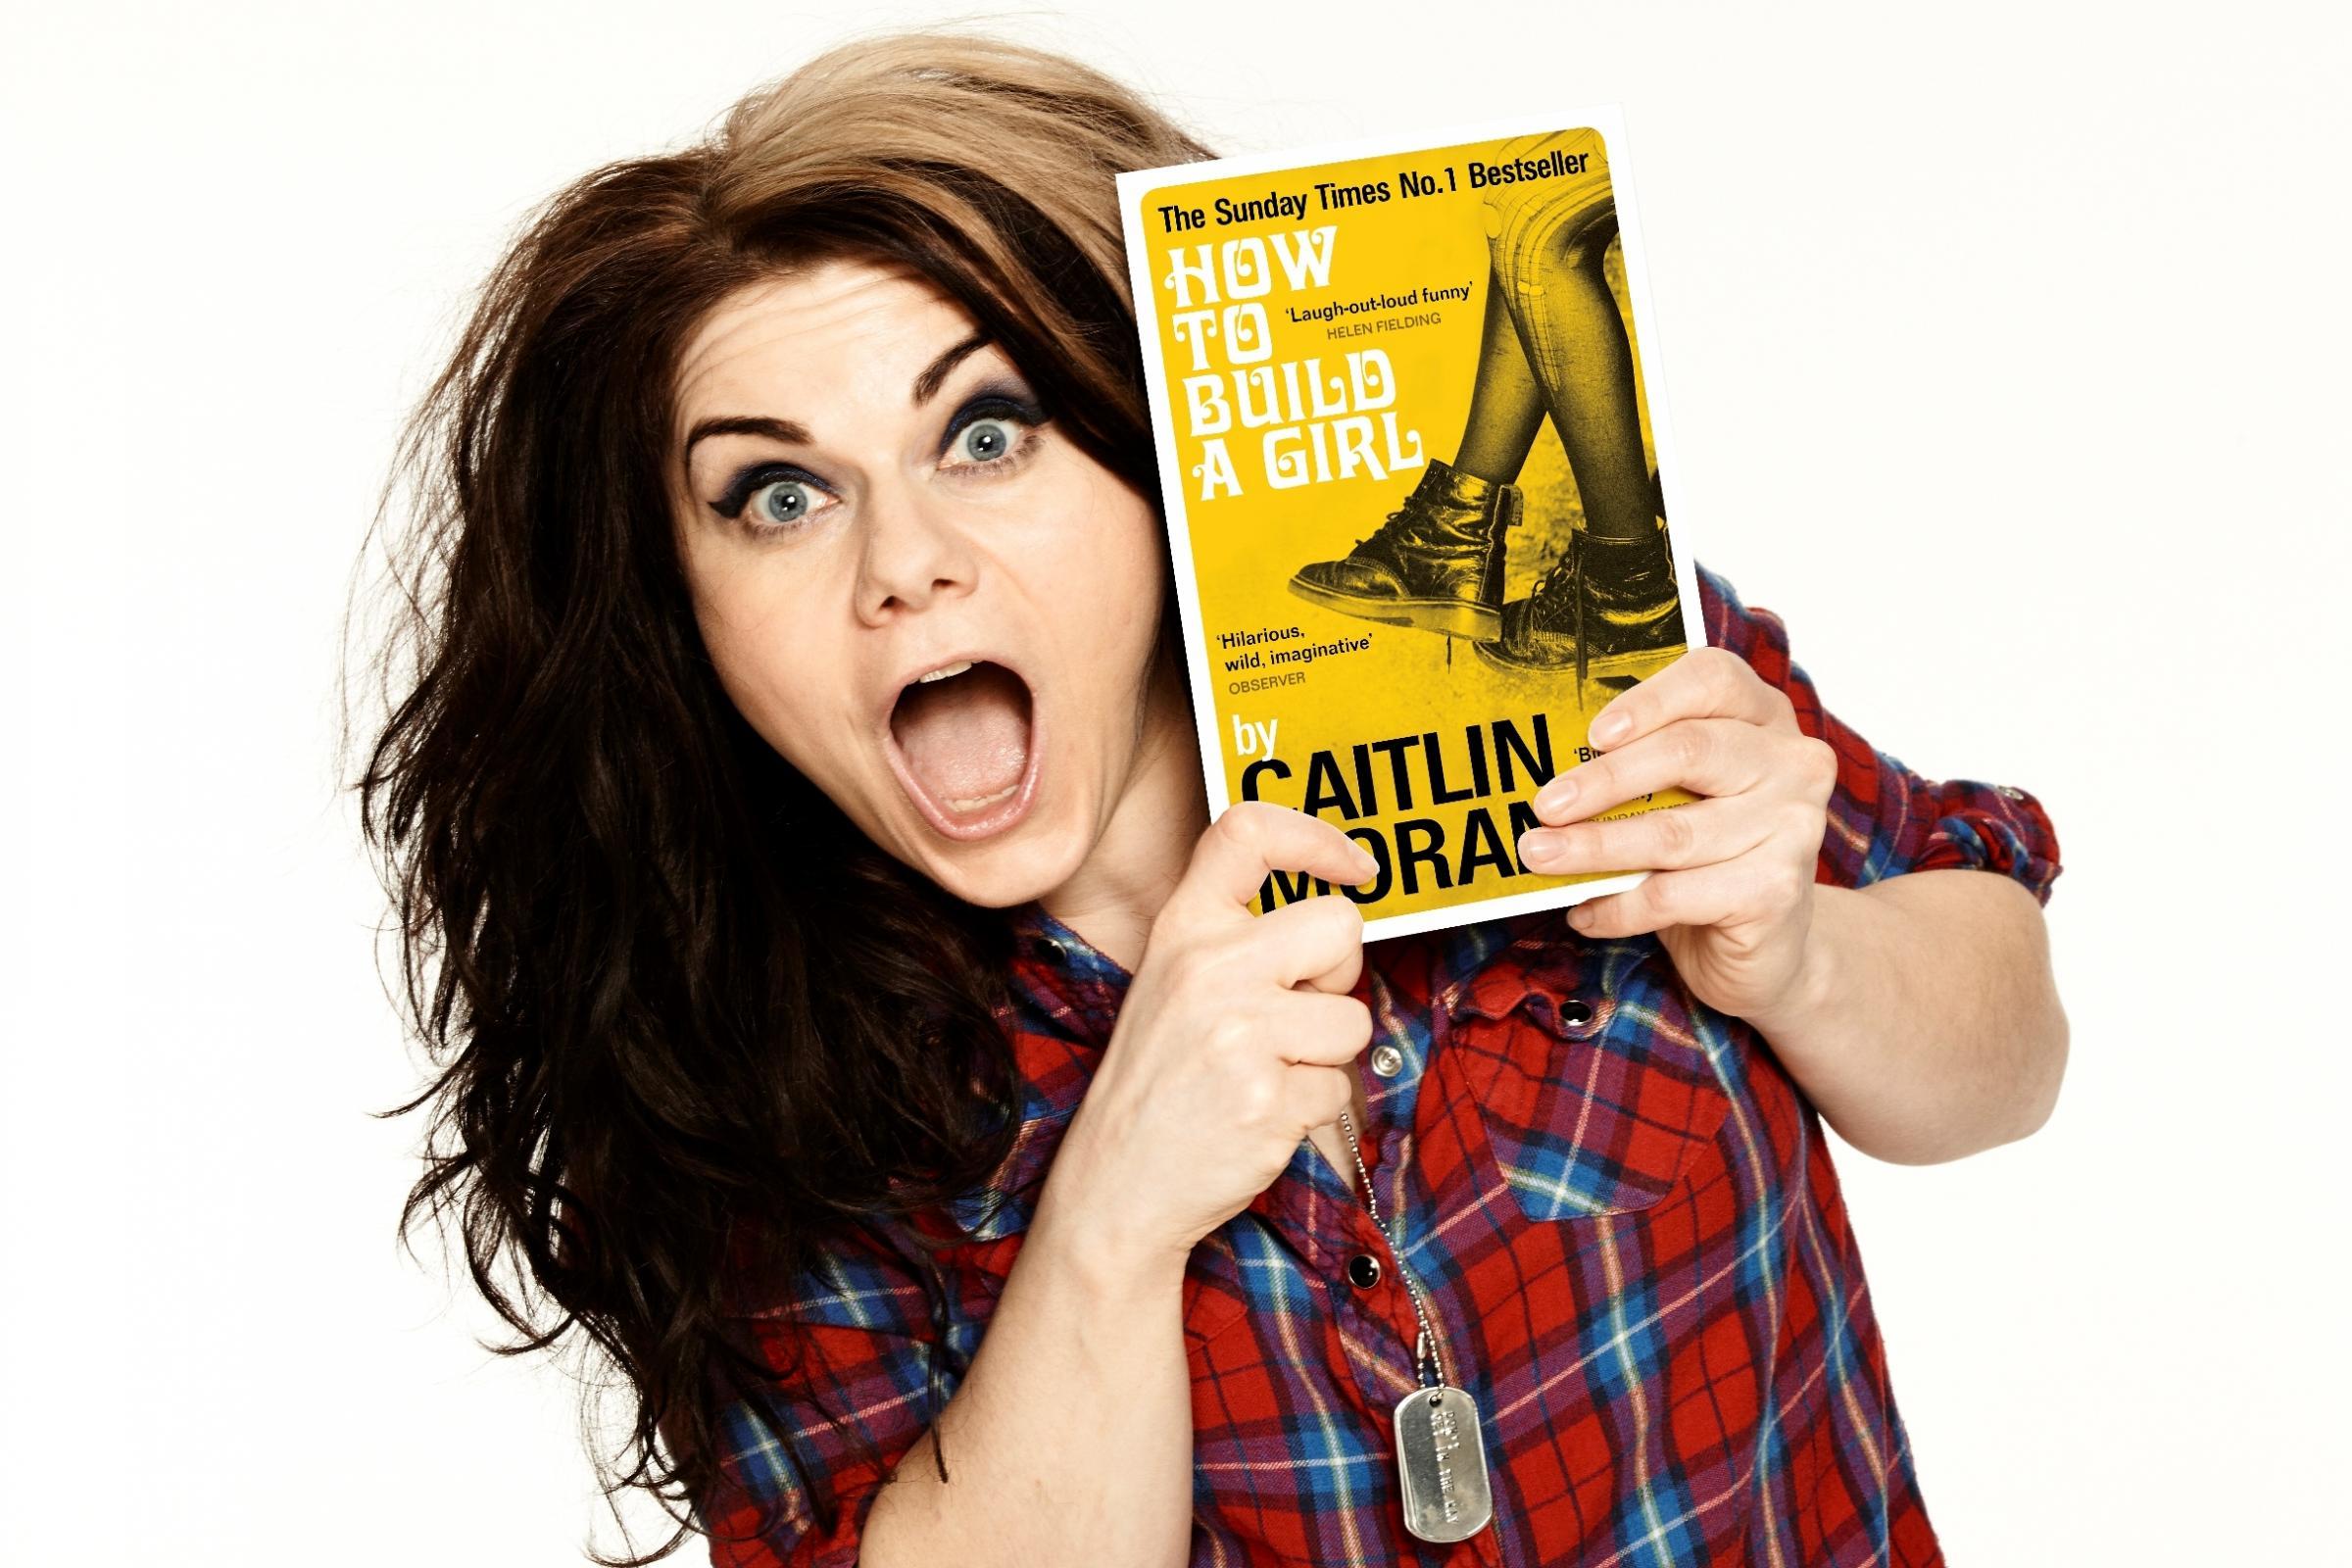 La autora, durante la promoción del libro en Gran Bretaña.| Imagen: barryandistrictnews.co.uk